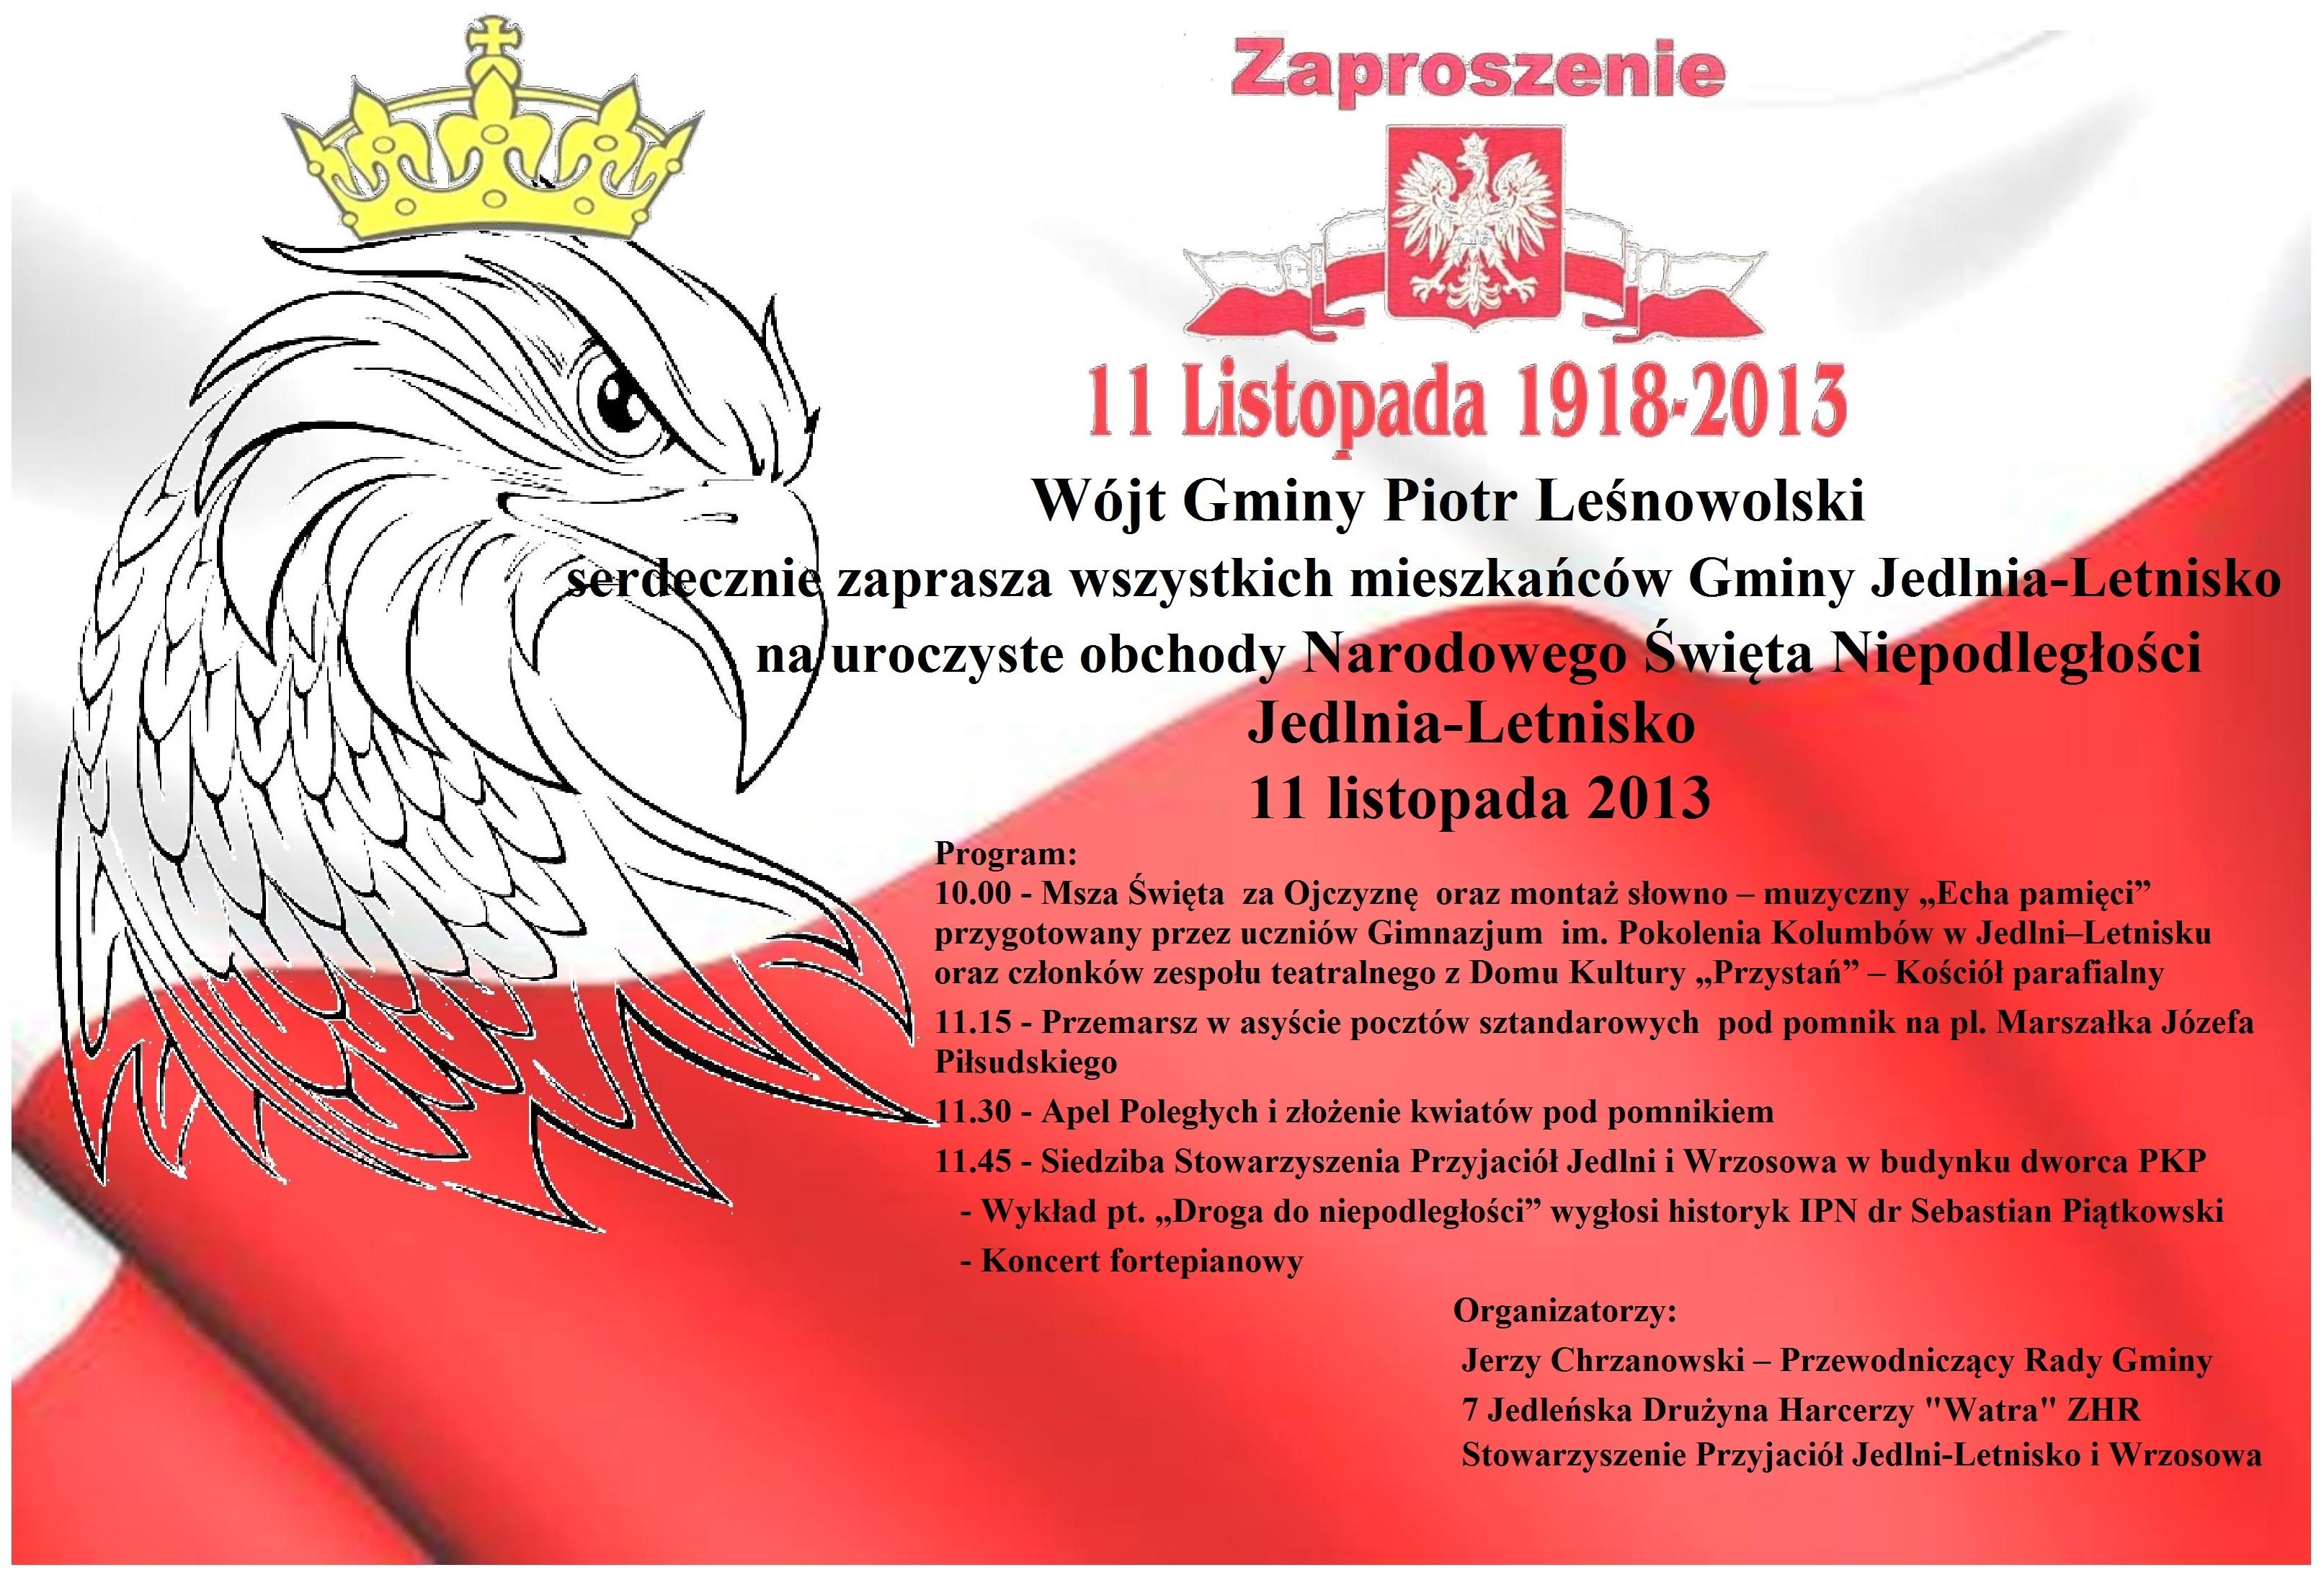 Zaproszenie Na Obchody święta Niepodległości Zapowiedzi